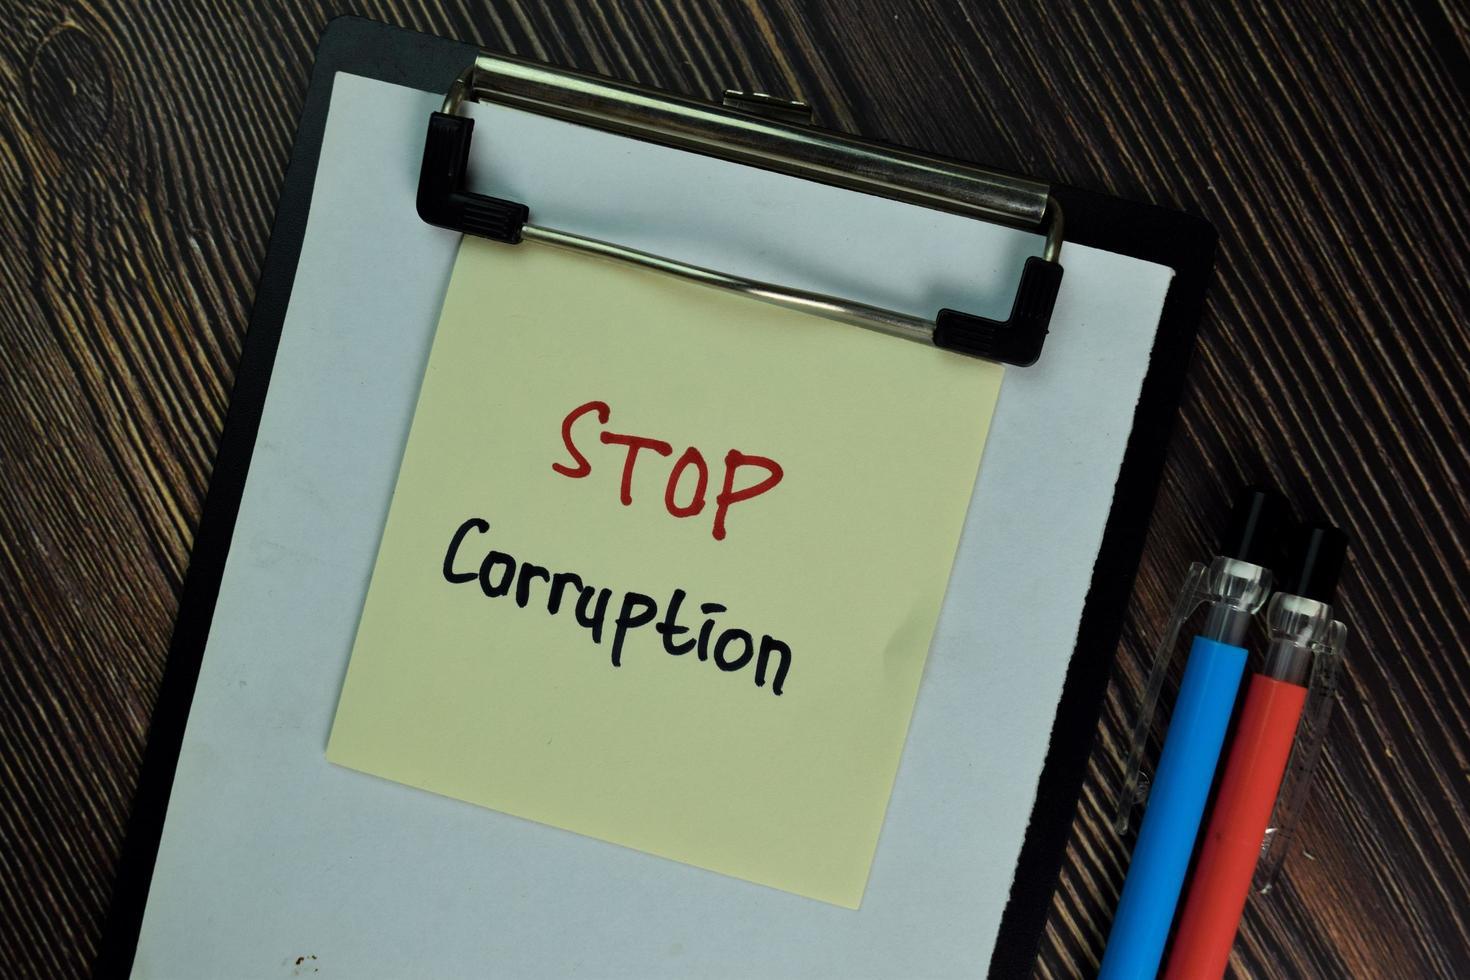 stoppa korruption skriven på fästis isolerad på träbord foto